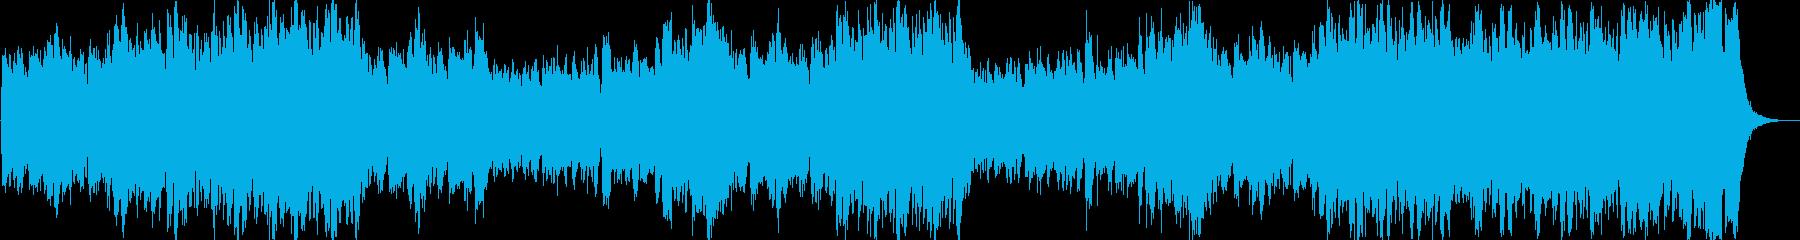 ファンファーレが繰り返される豪華なマーチの再生済みの波形